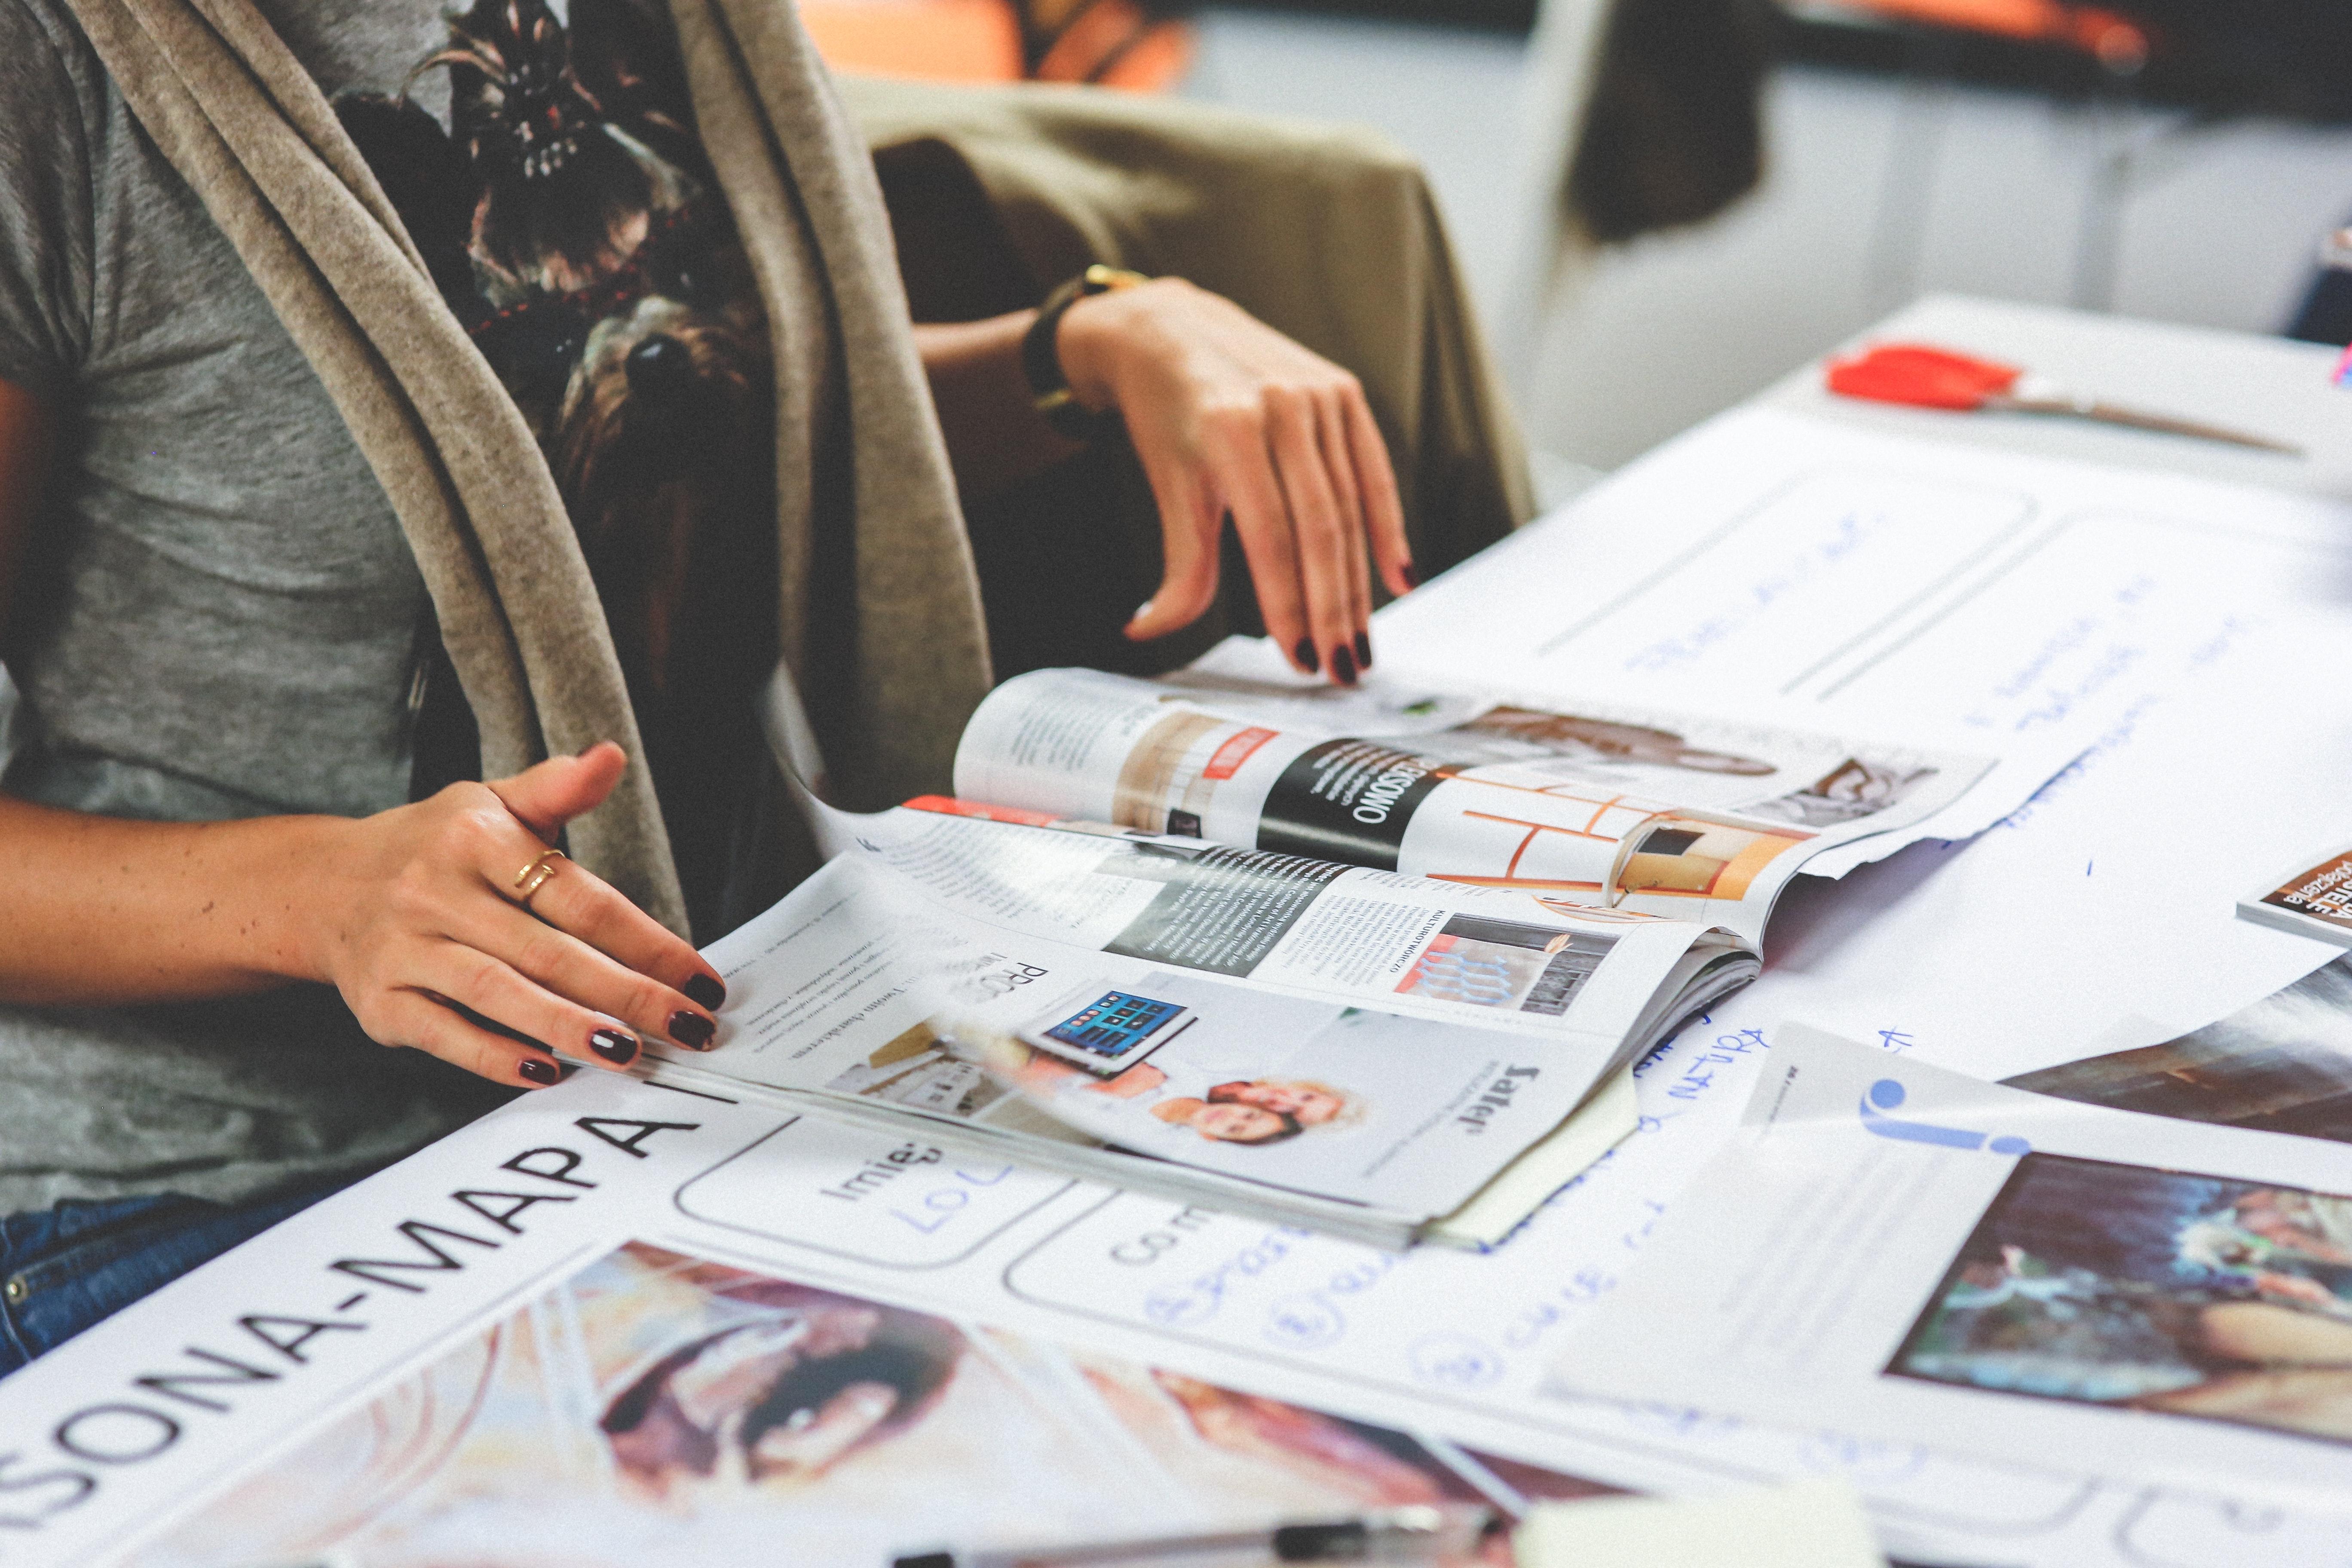 Focus sur le print, car il n'y a pas que le web dans la vie !